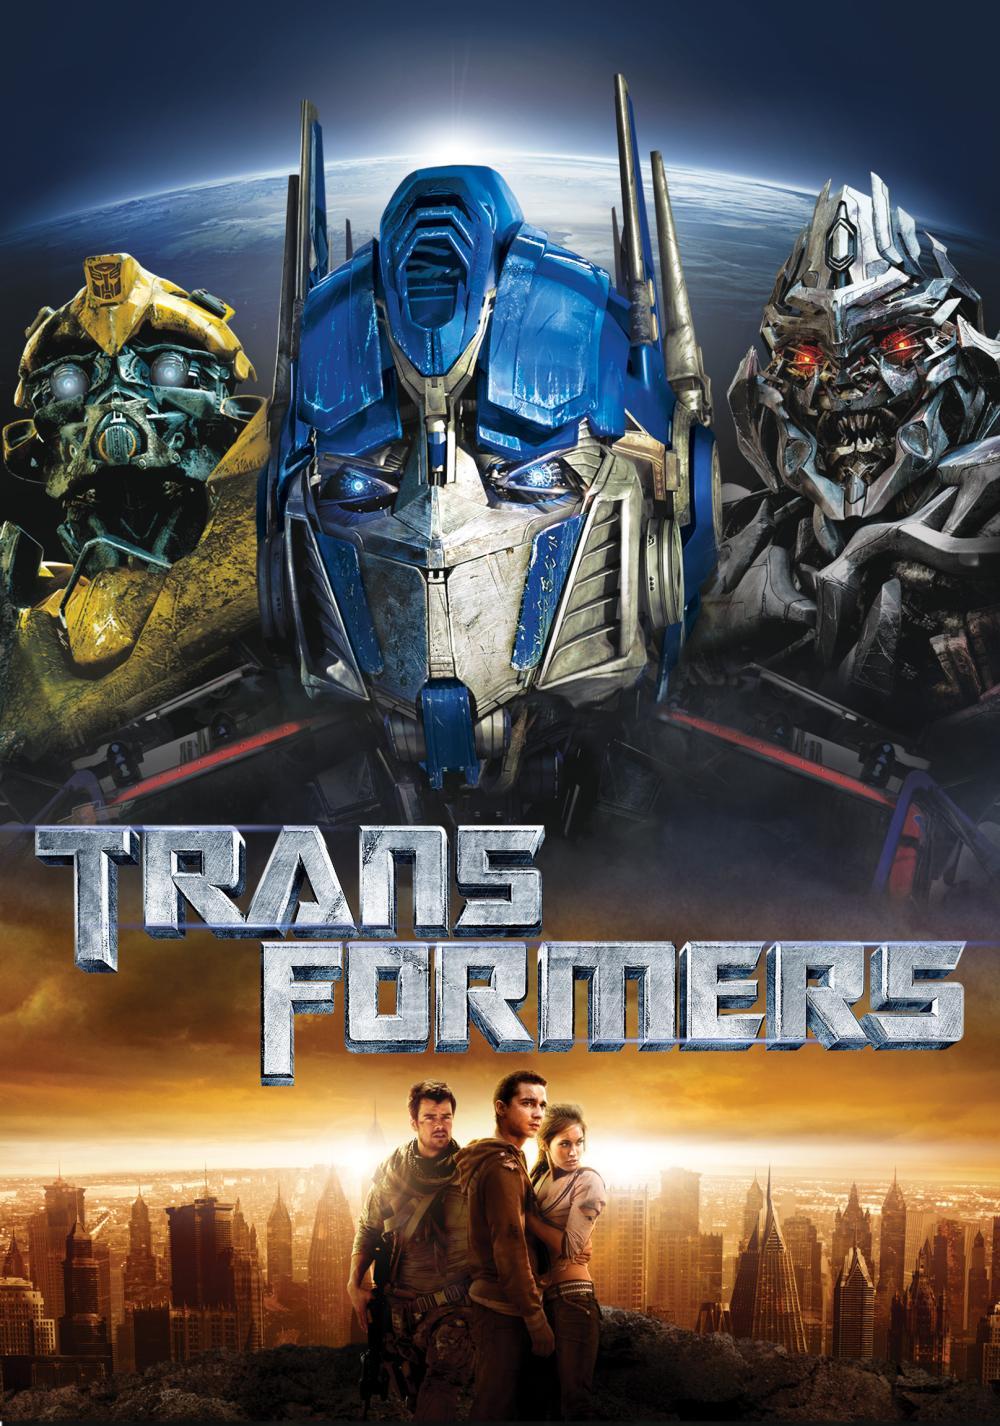 Wann Kommt Transformers 5 Auf Dvd